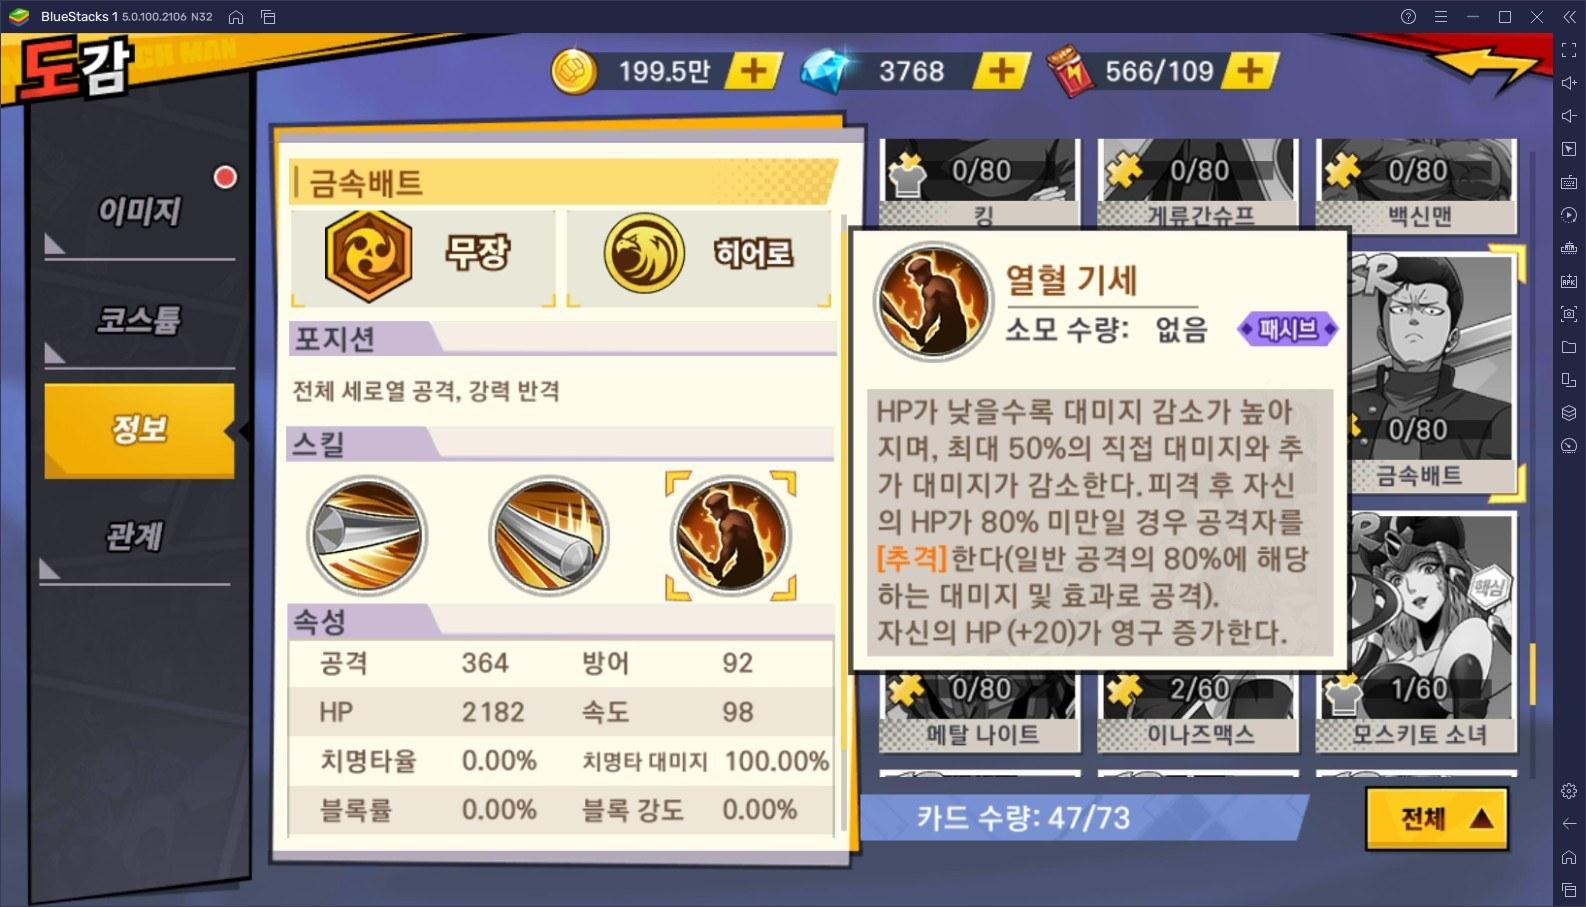 원펀맨: 최강의 남자 한정소환 진행, 블루스택 앱플레이어에서 PC로 금속배트를 영입하세요!